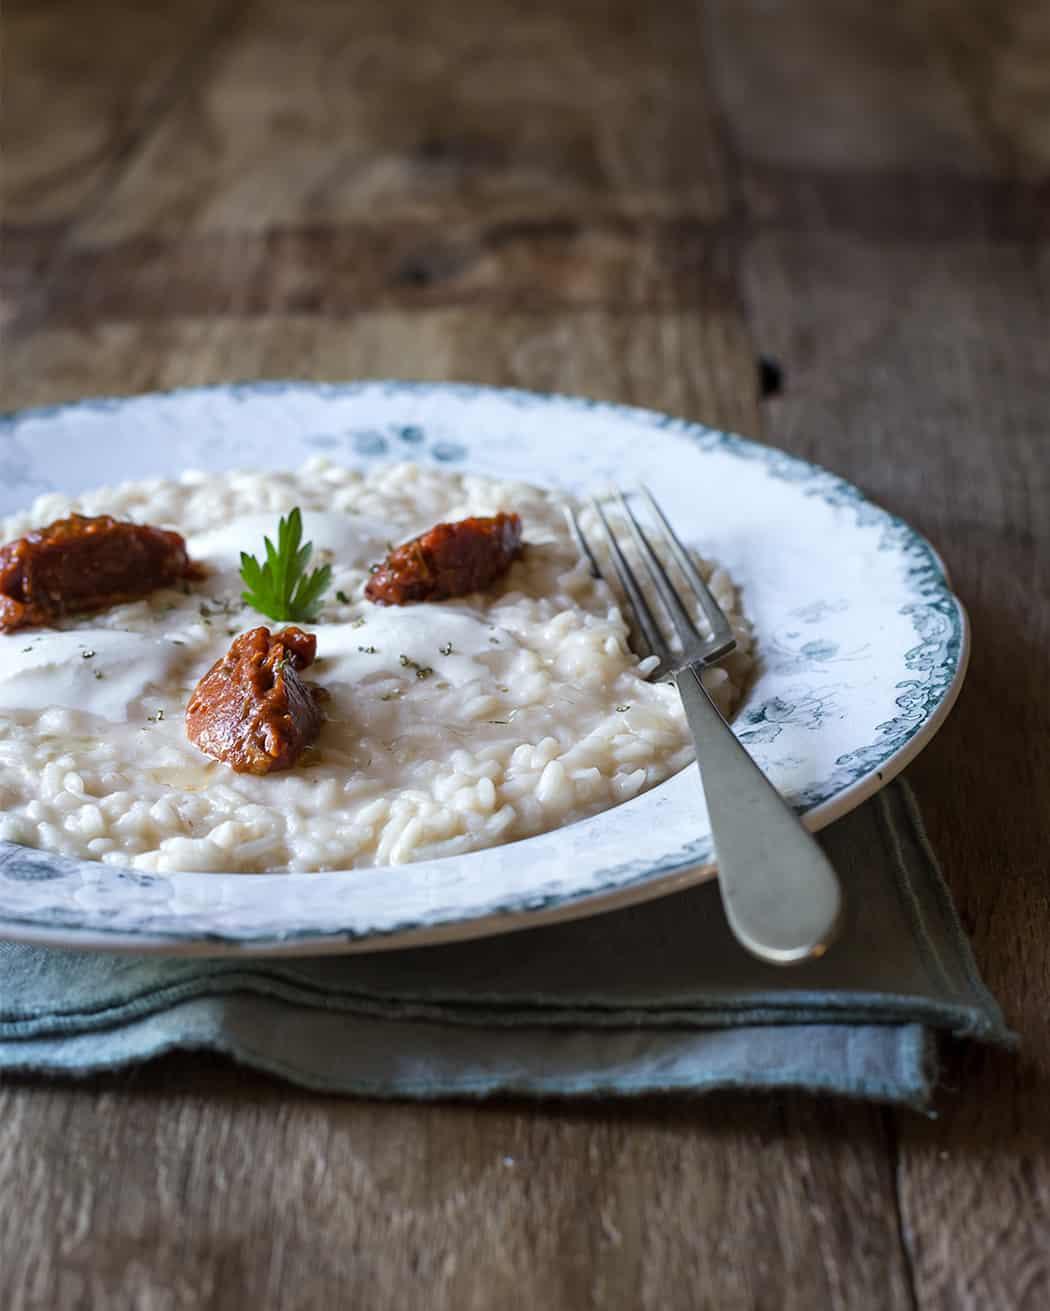 risotto con funghi porcini e formaggio